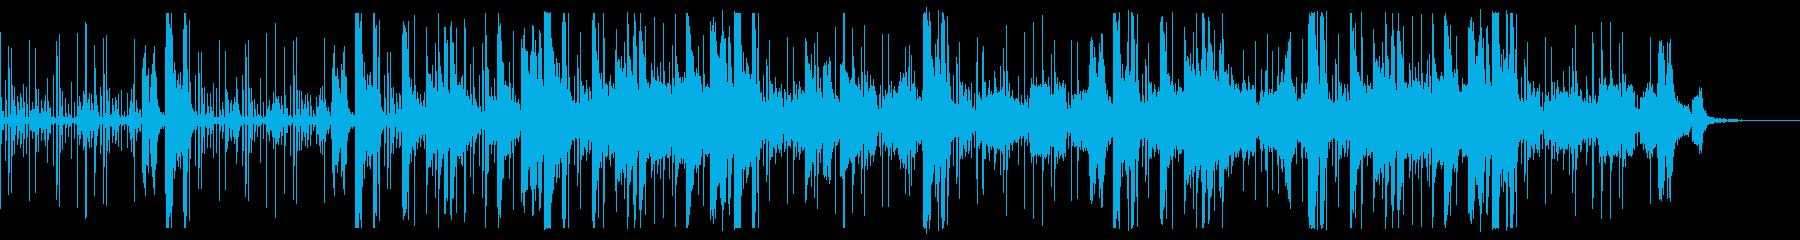 電子音・エレクトロニカ 悲壮的あるピアノの再生済みの波形